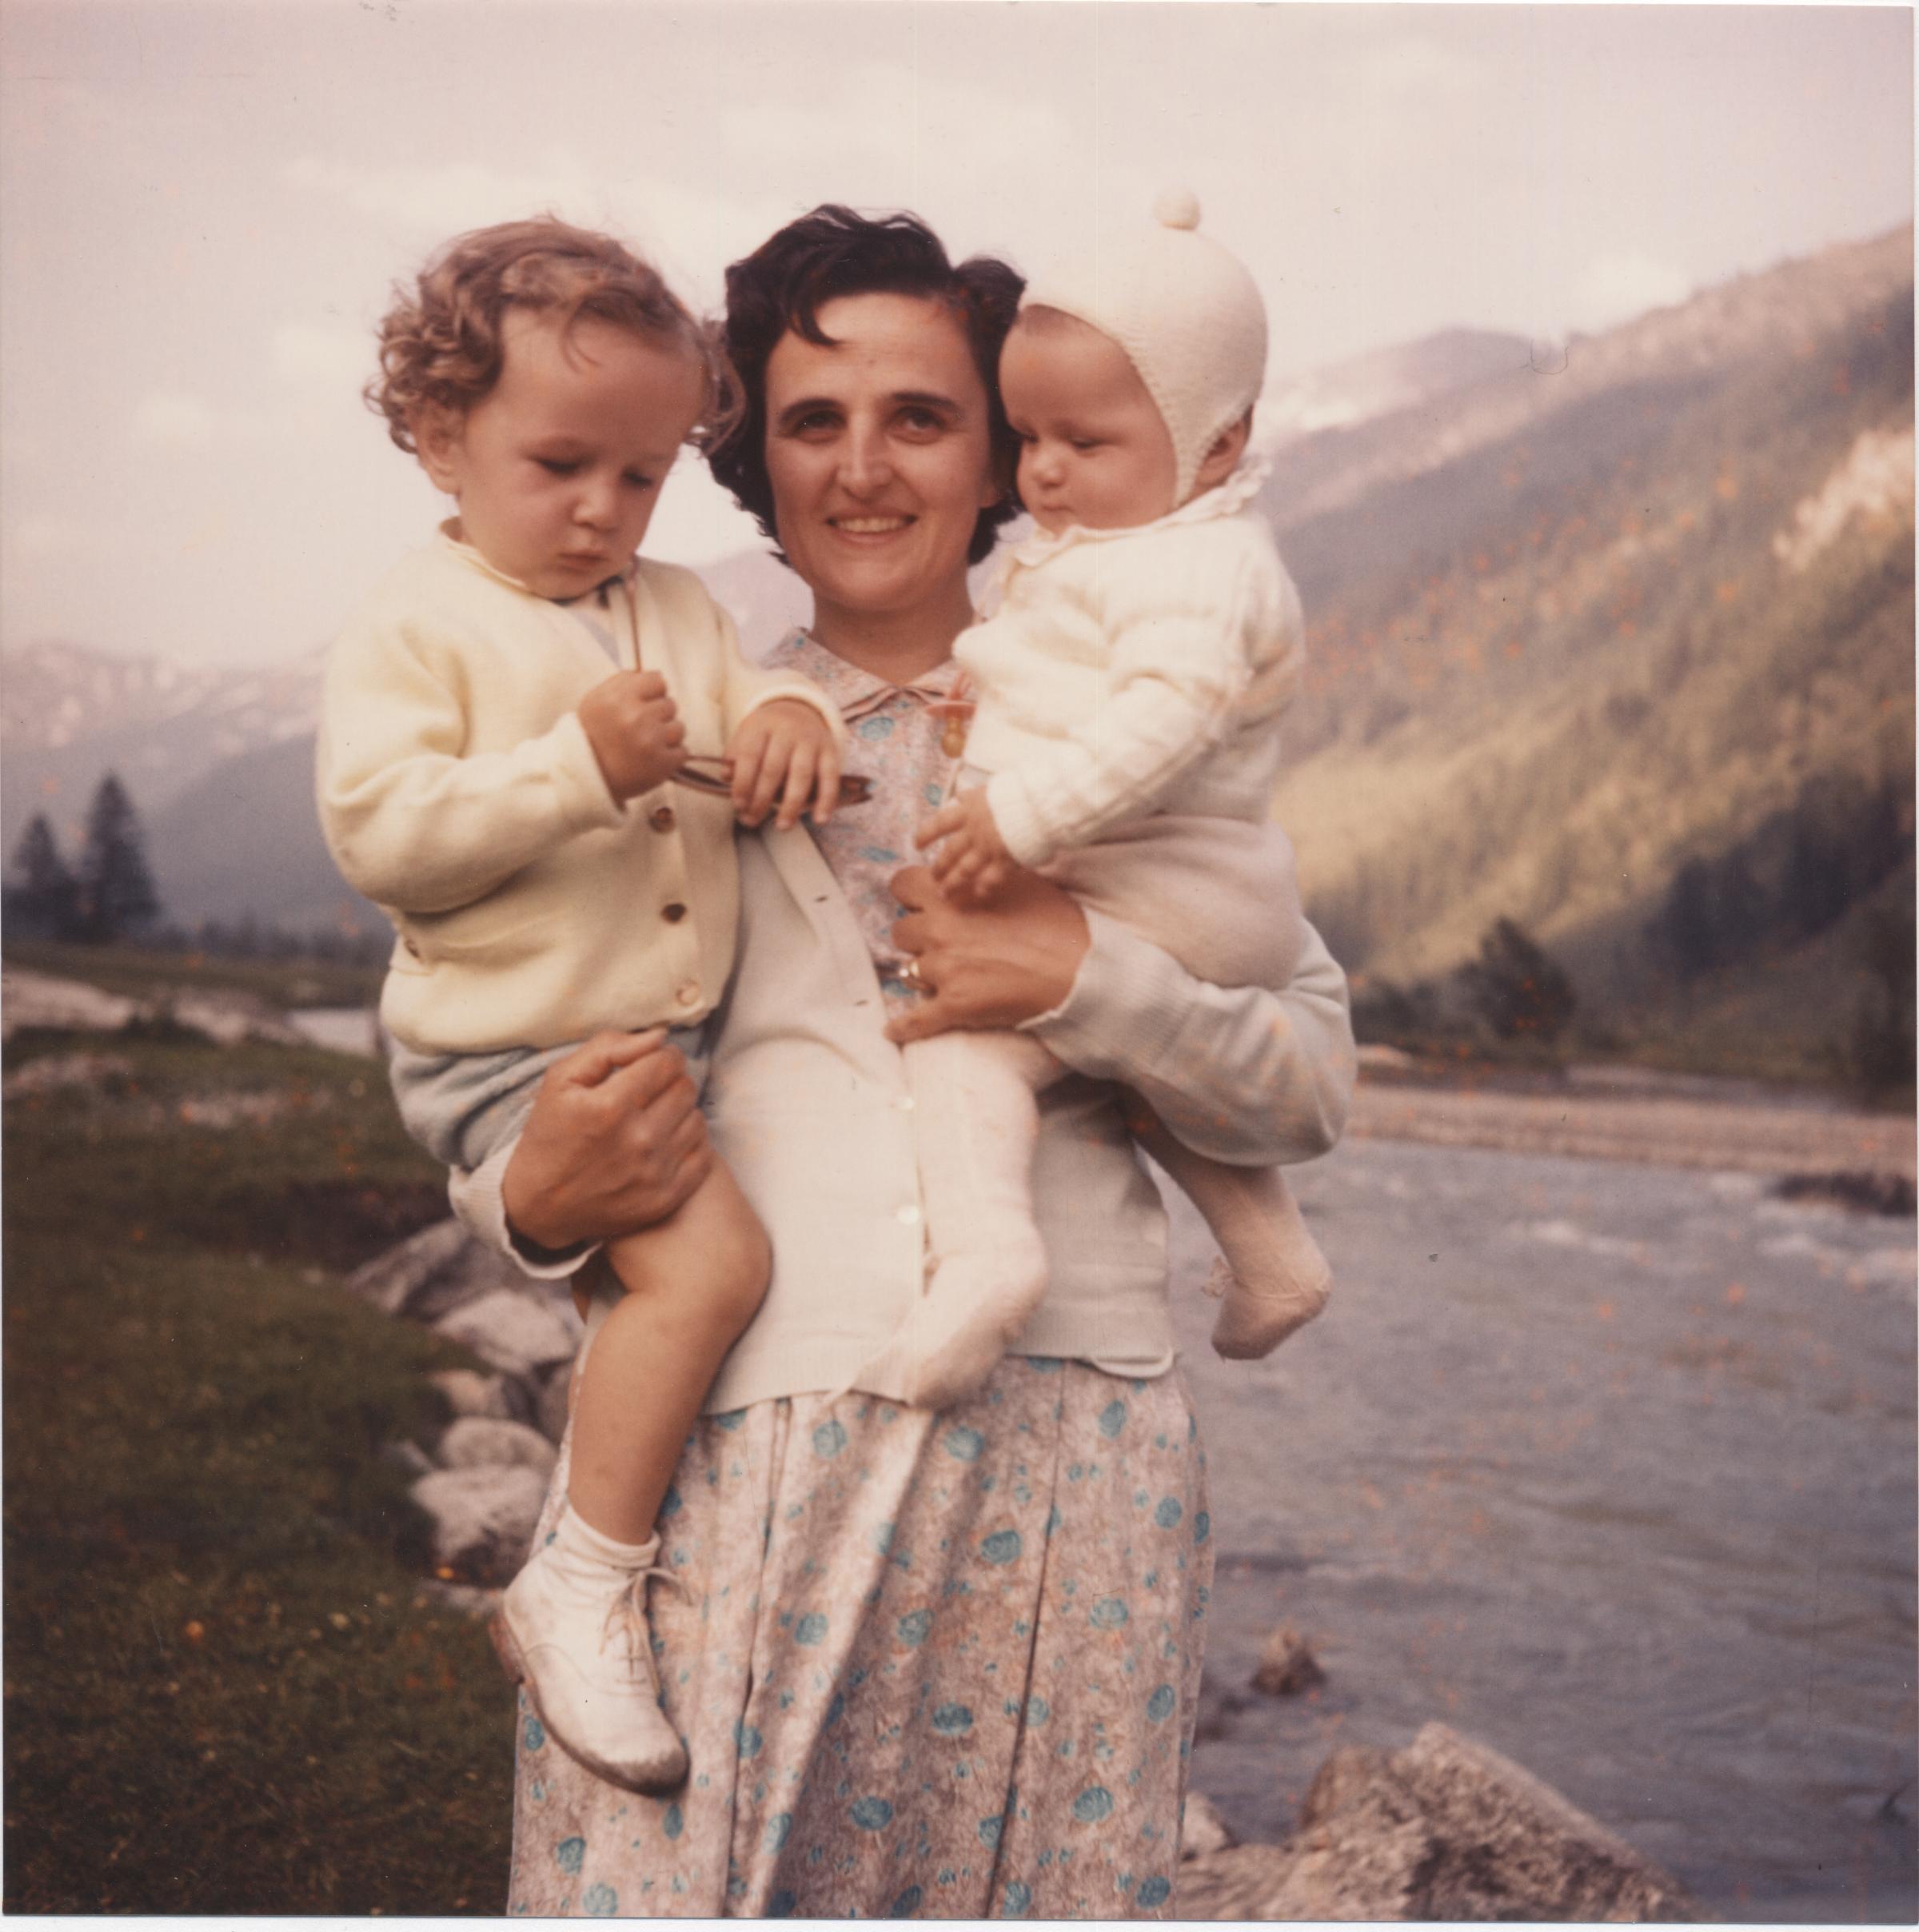 Con_Mariolina_e_Pierluigi_Val_Veny_settembre_1958